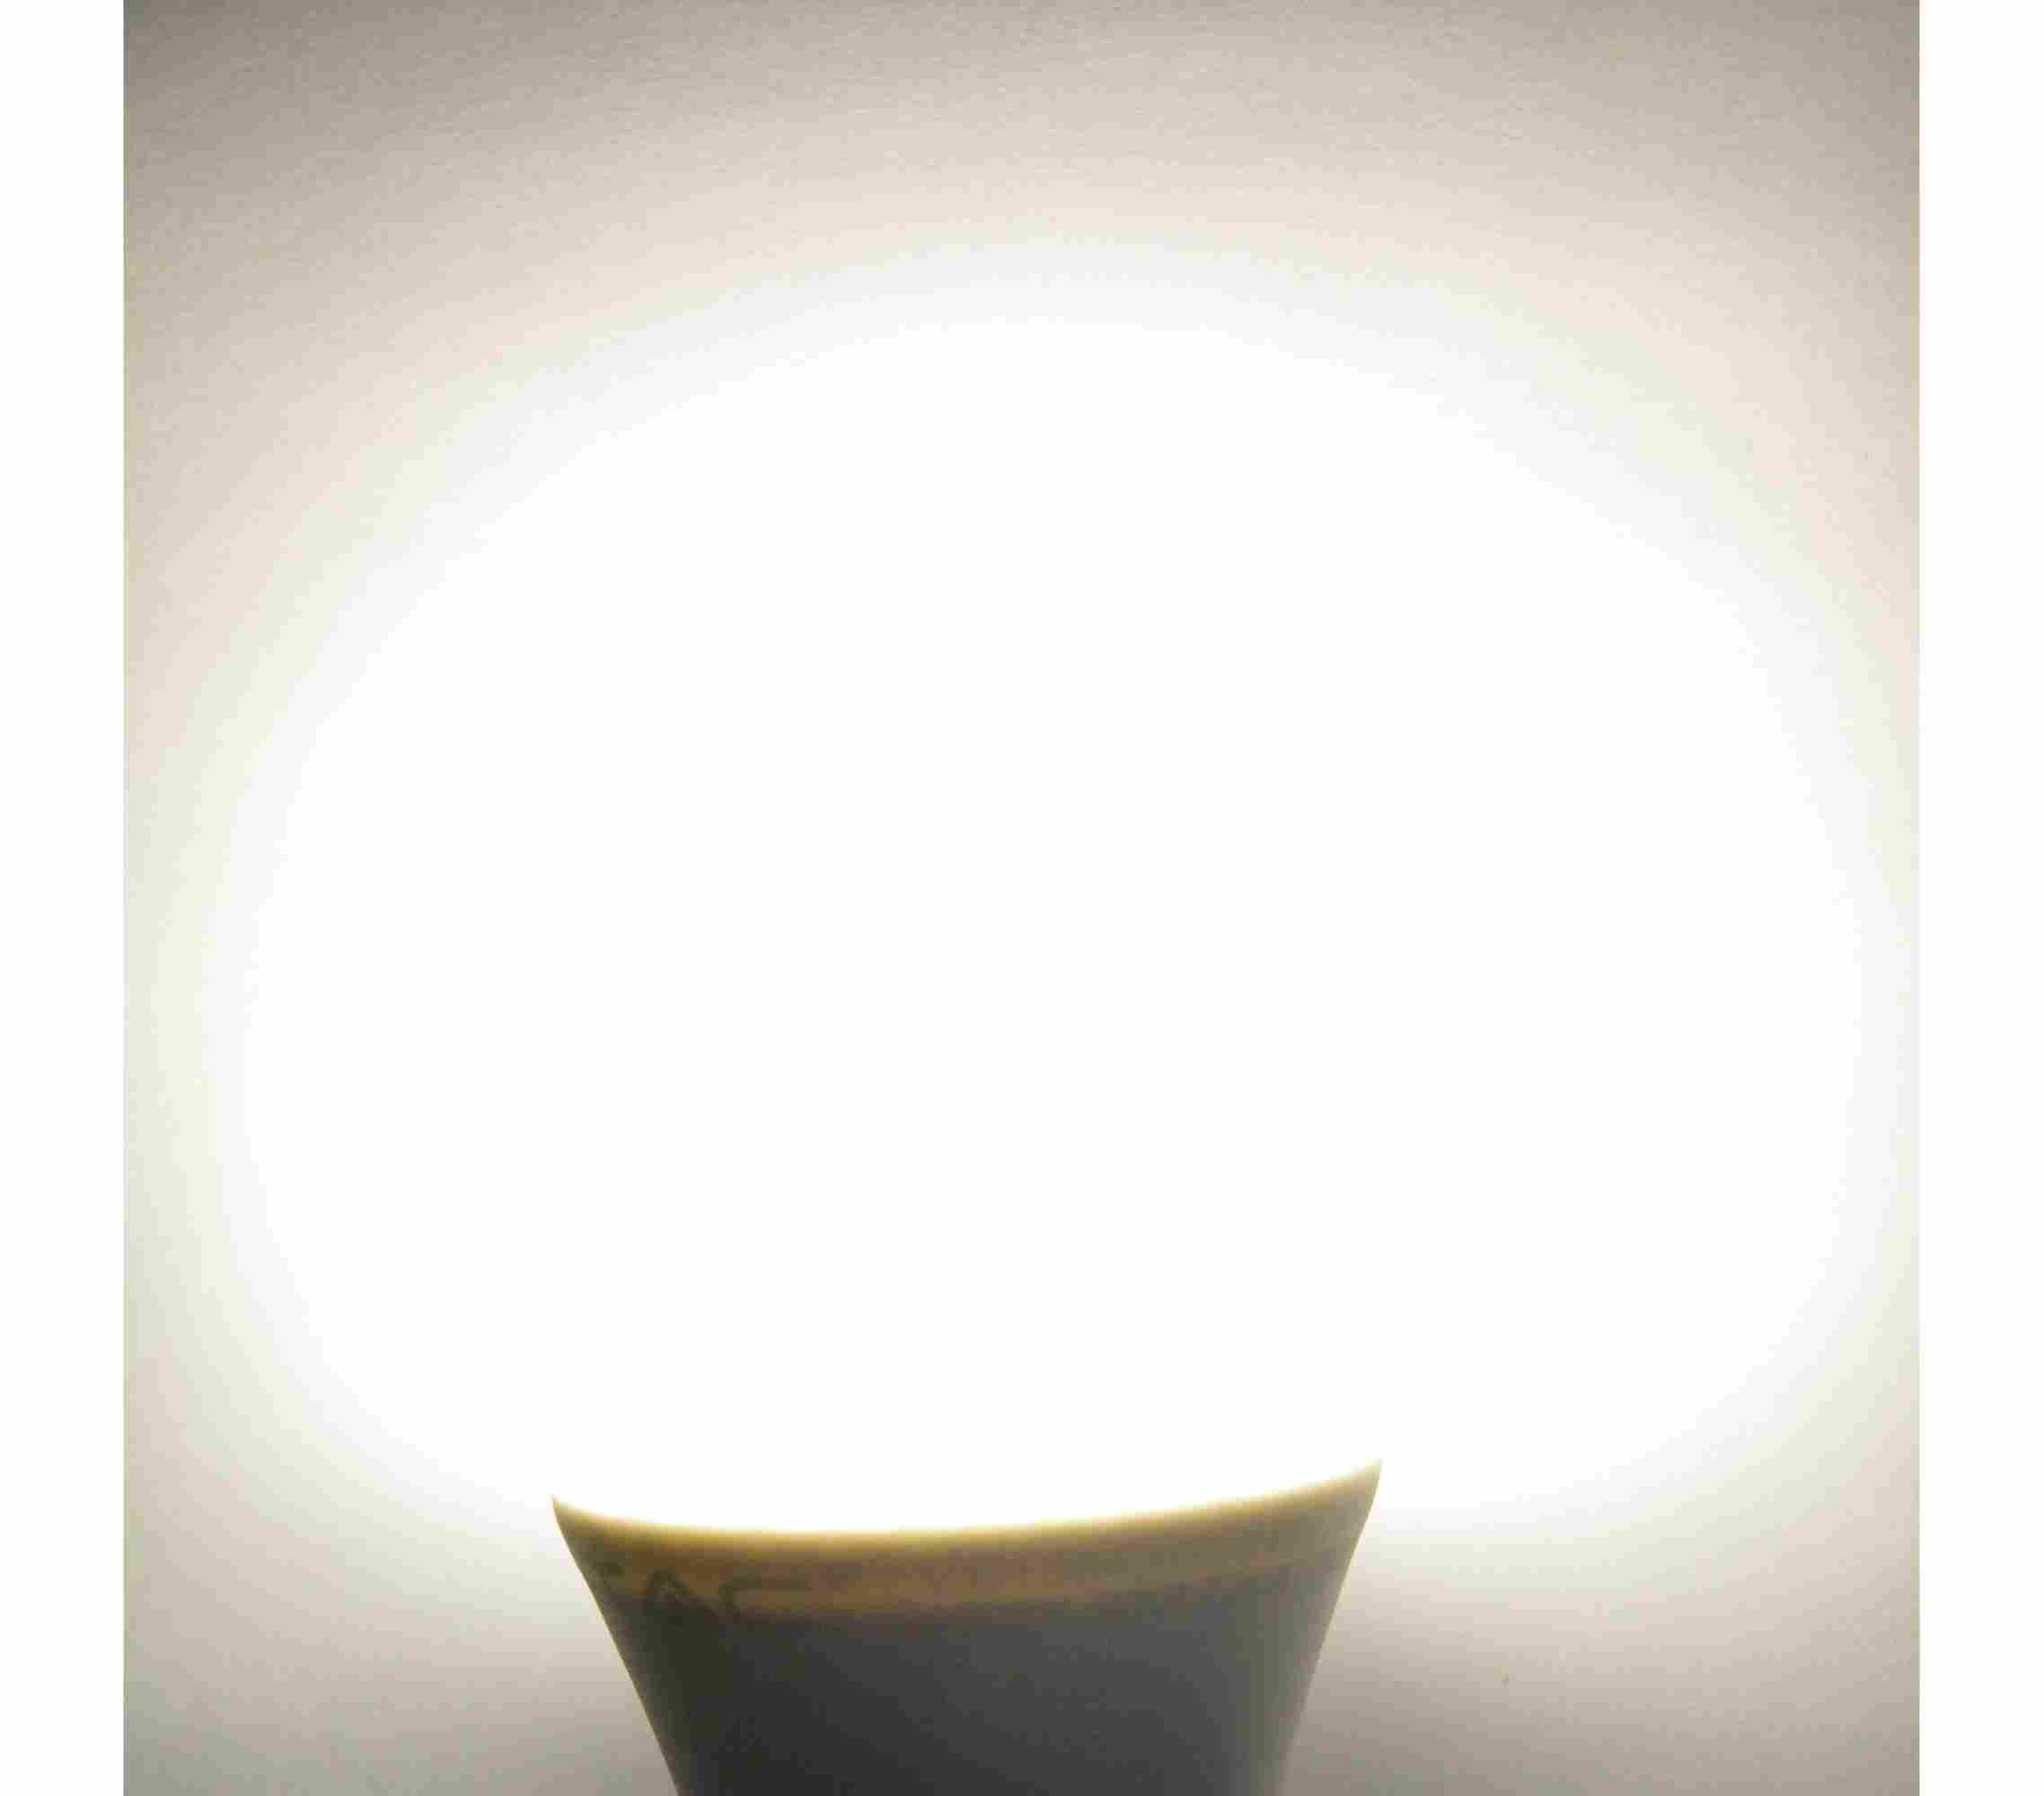 Lampadina a Led 6 Watt attacco E27  Compra online su Ecoworld-Shop.it